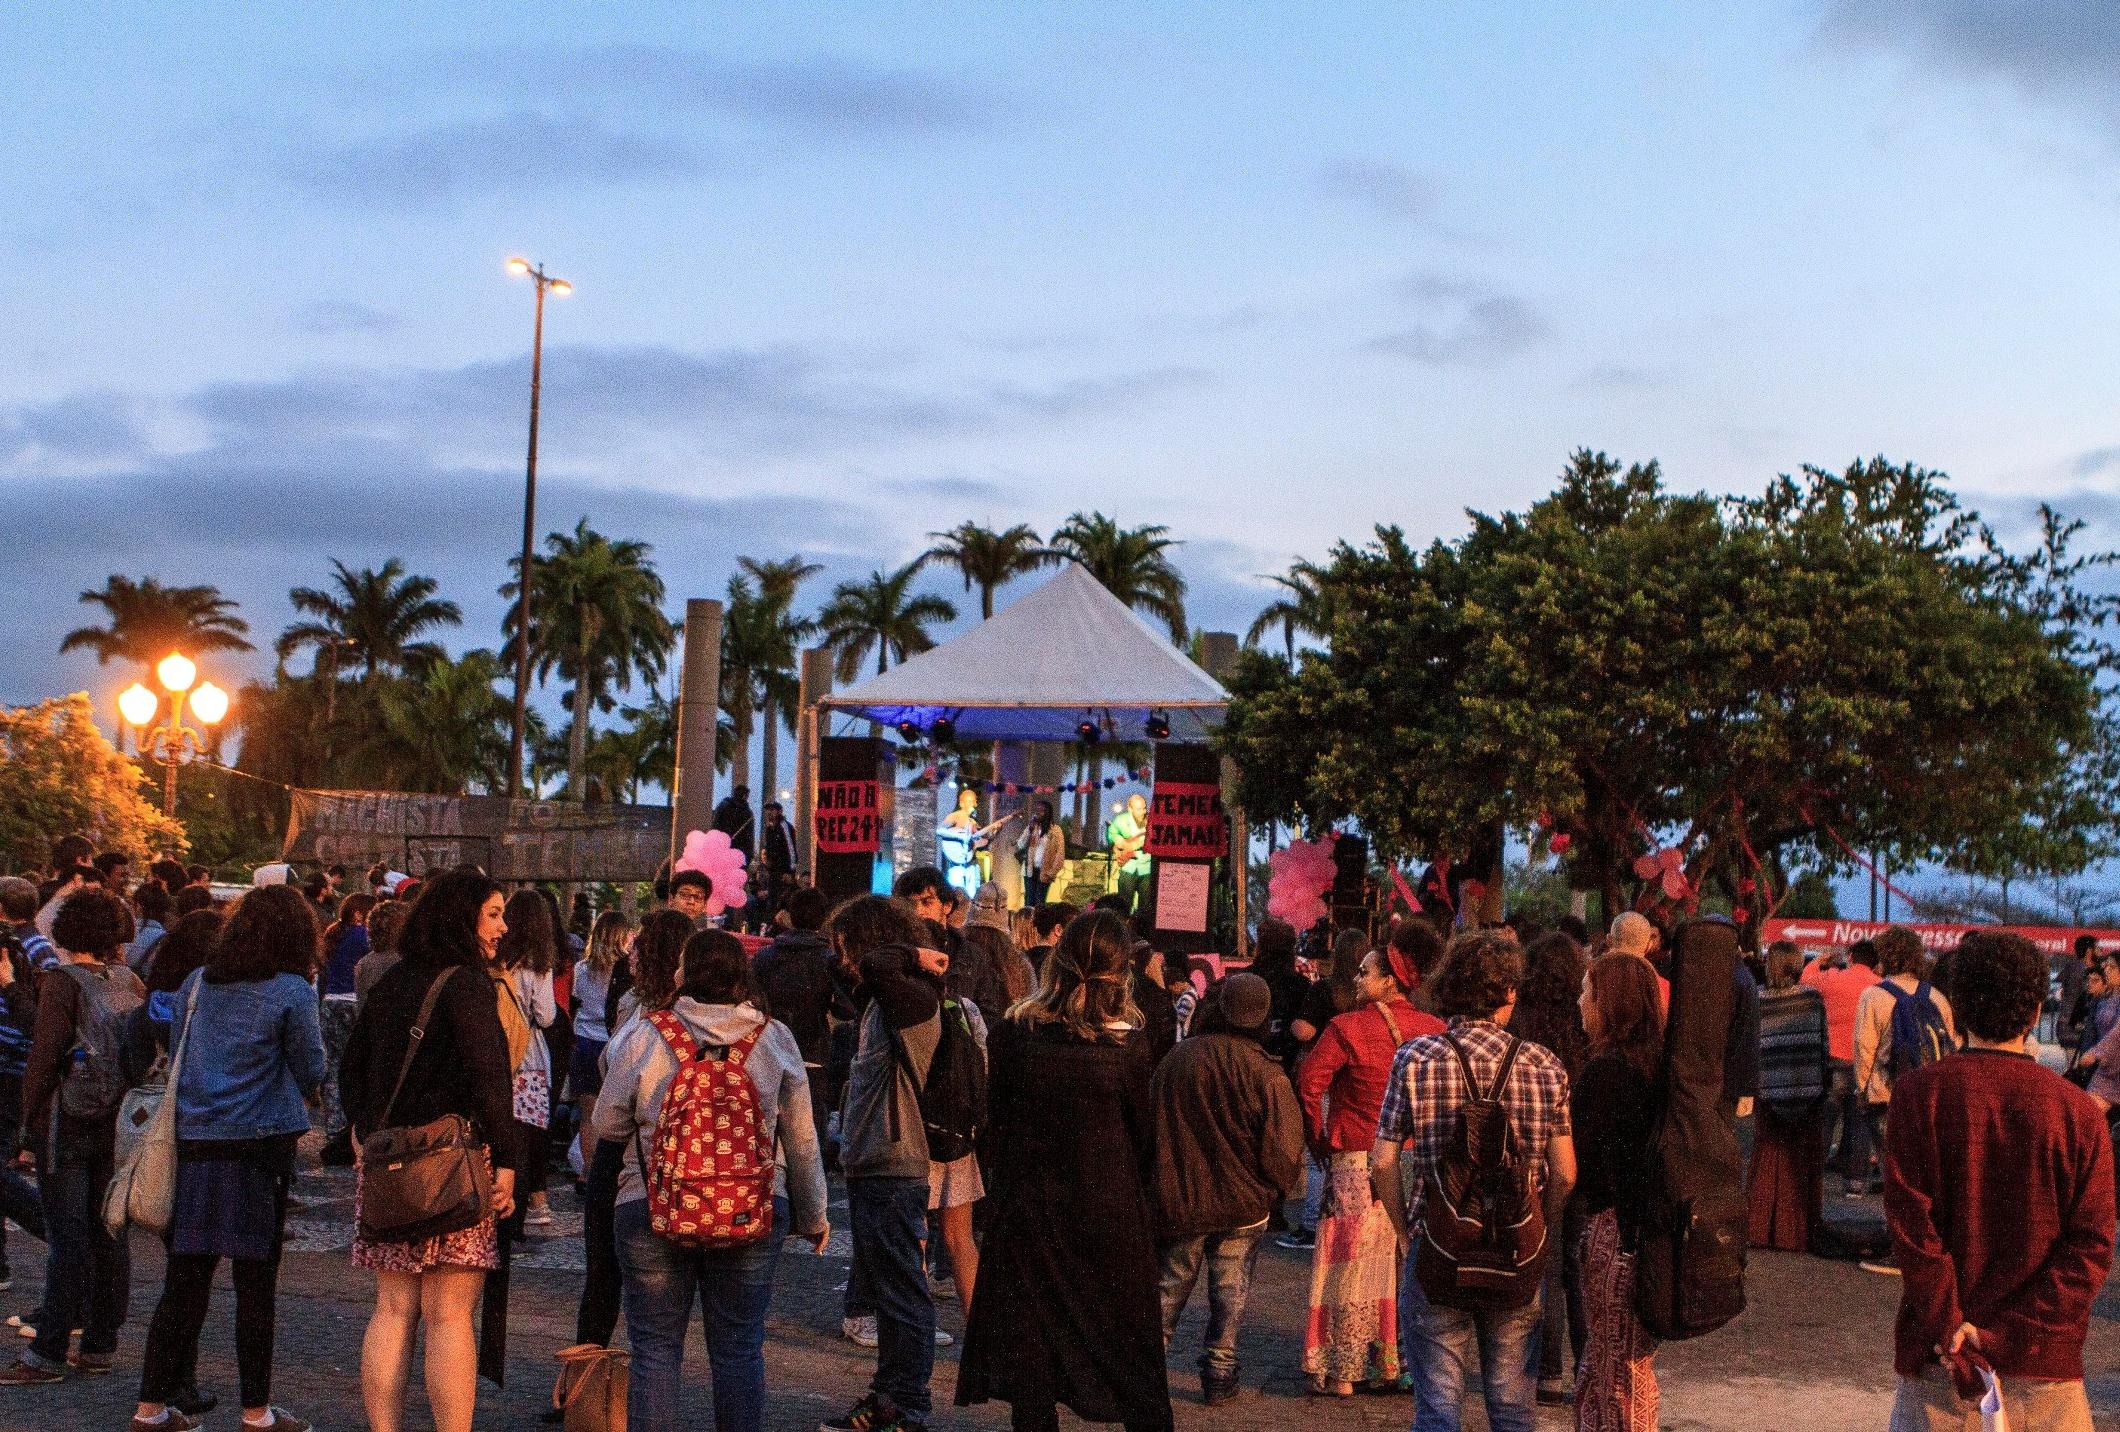 Evento teve shows e outras interações culturais - Bruno Ropelato/ND